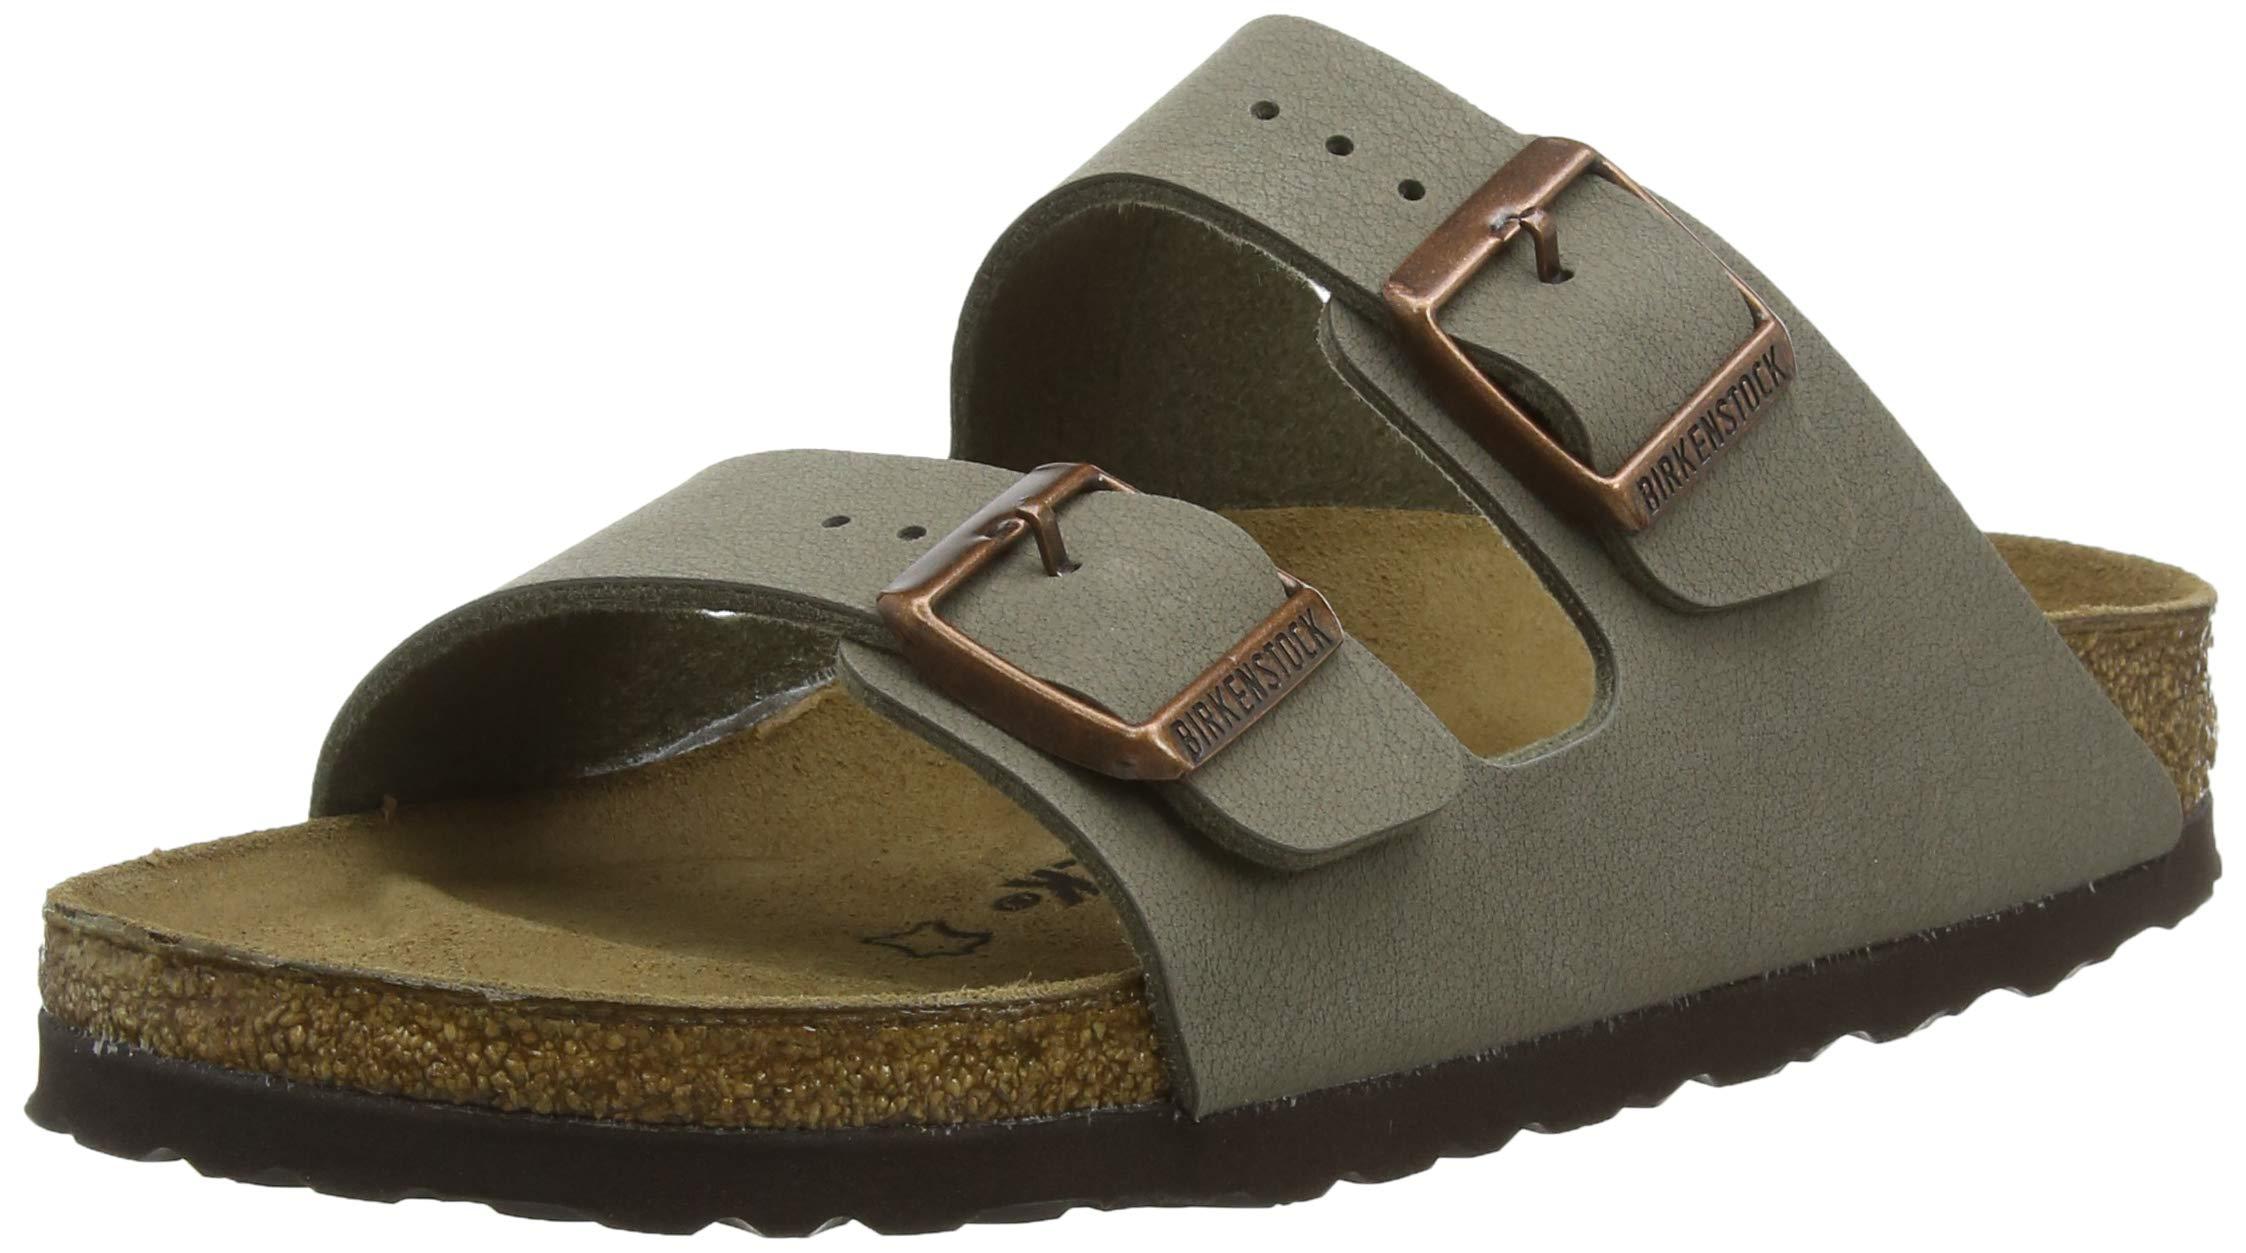 Birkenstock Unisex Arizona Stone Sandals - 45 EU Narrow